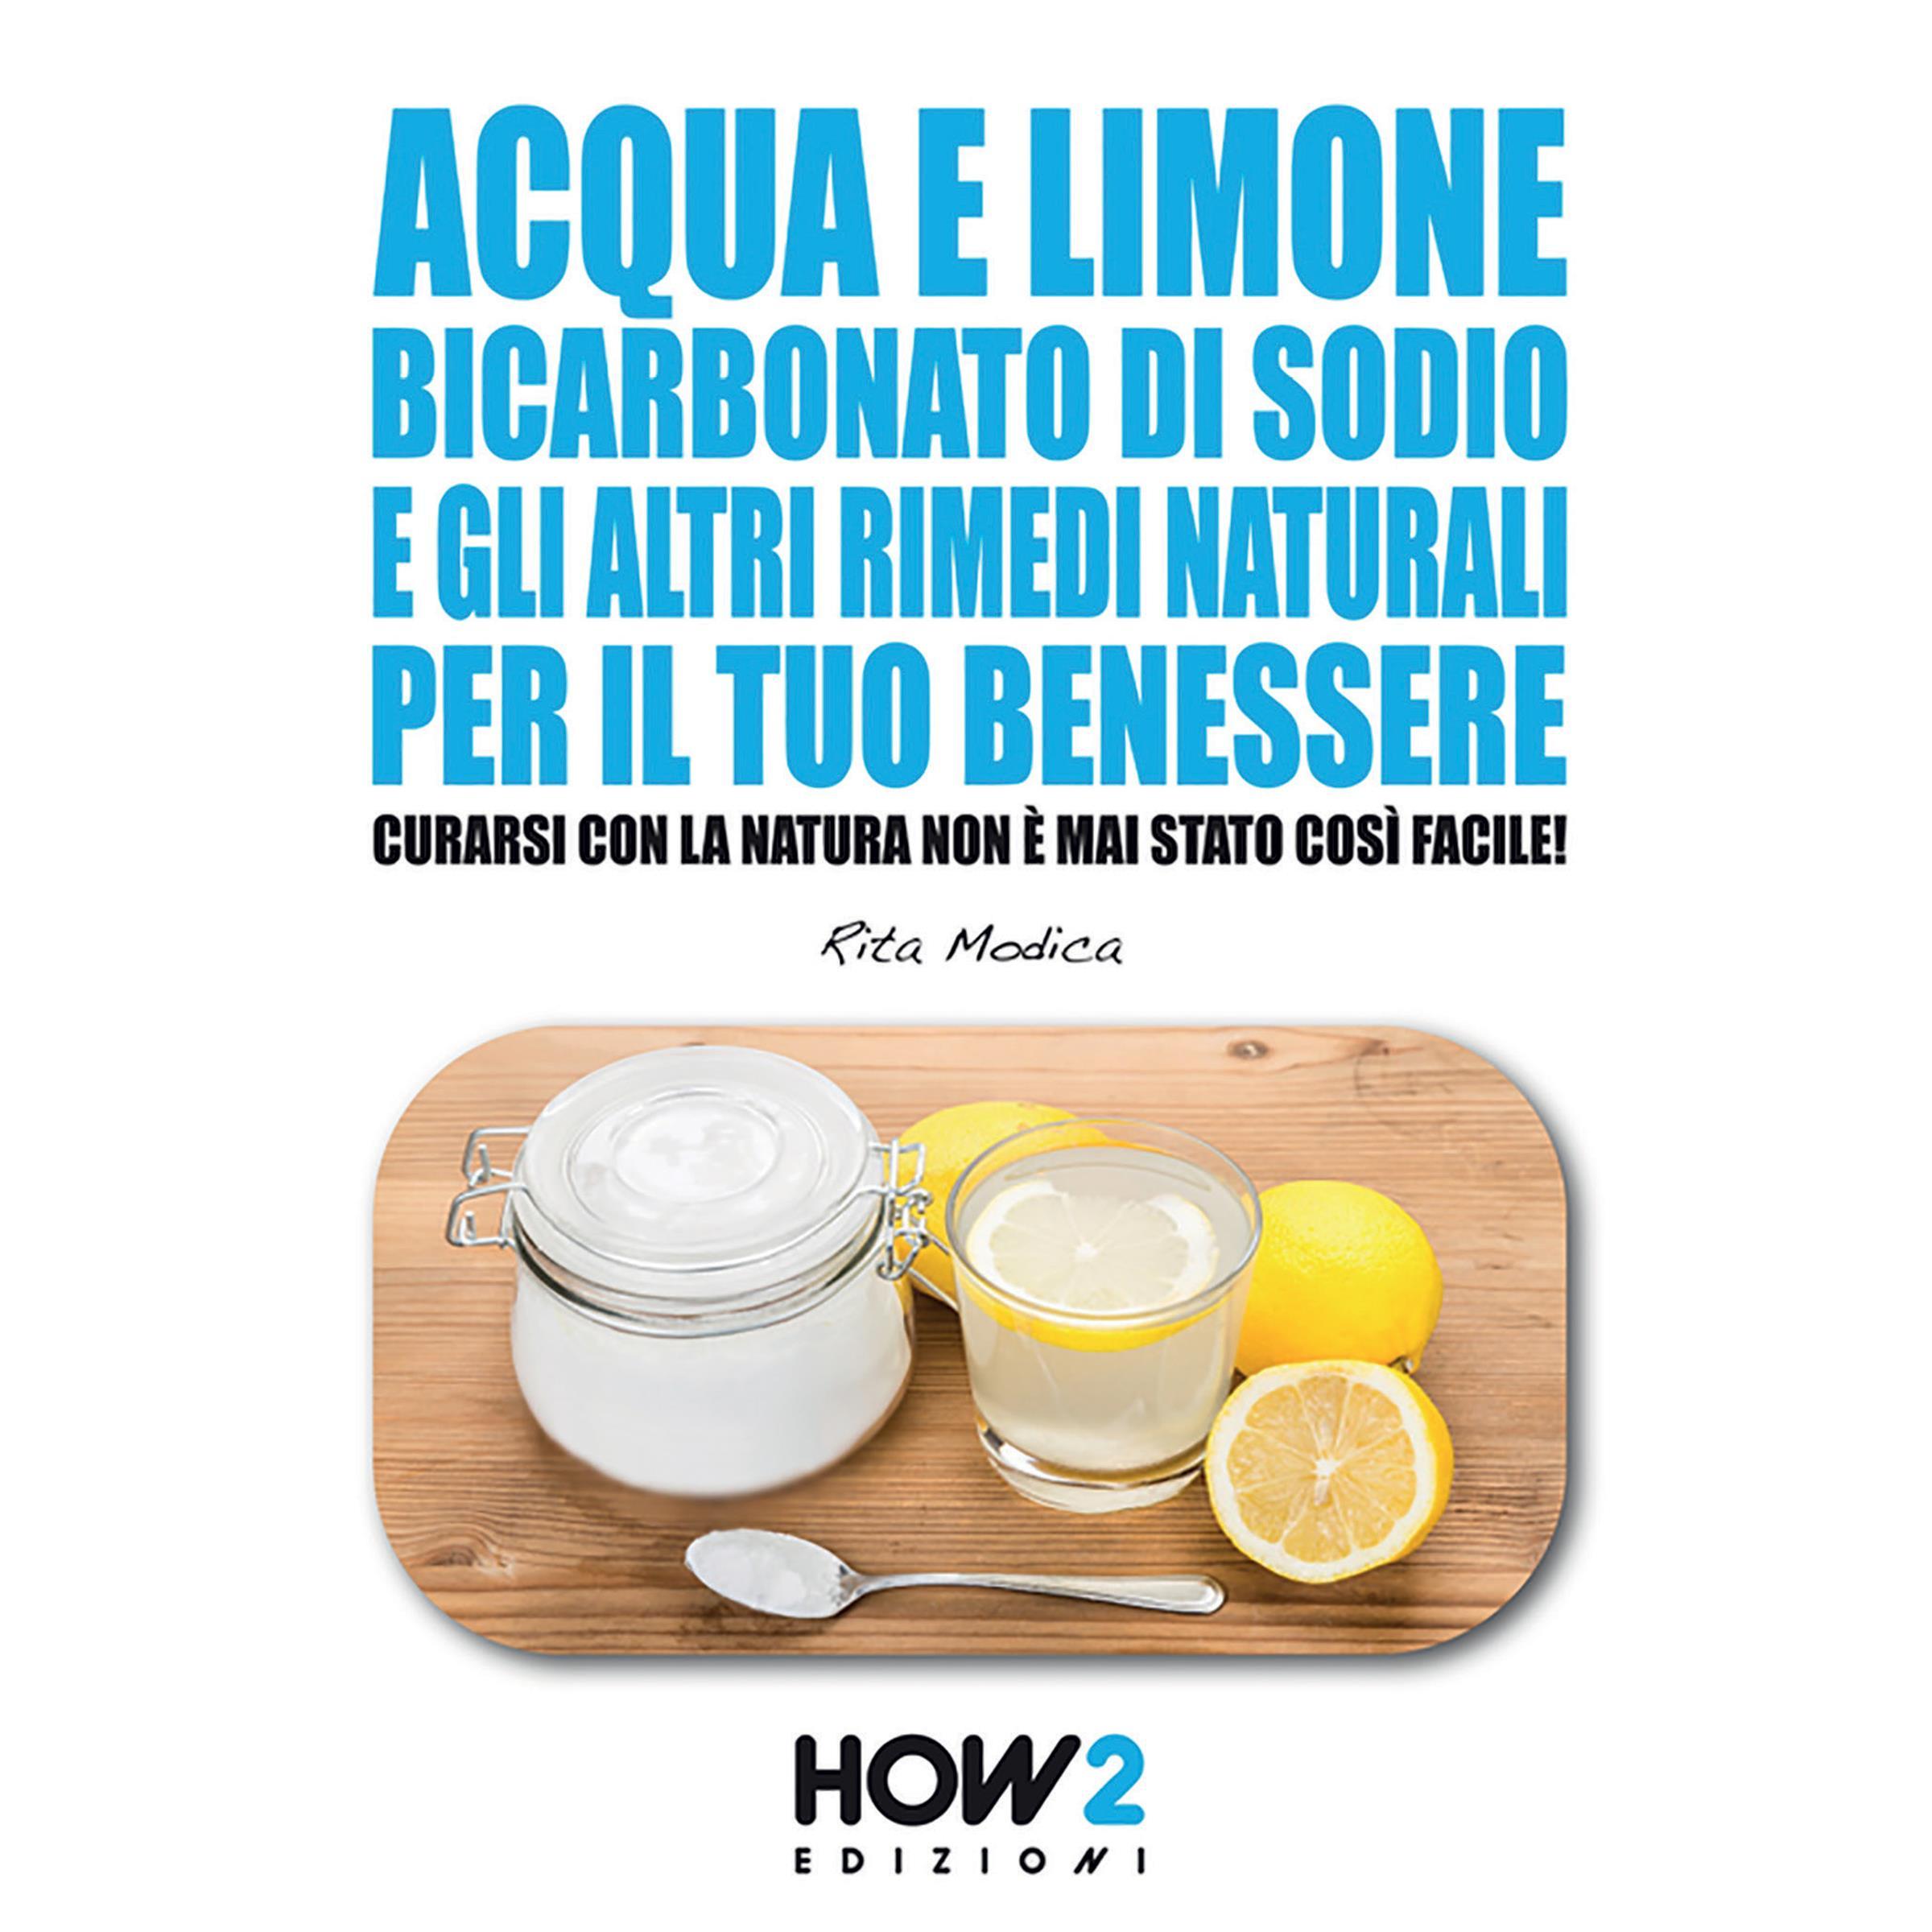 Acqua e limone, bicarbonato di sodio e gli altri rimedi naturali per il tuo benessere